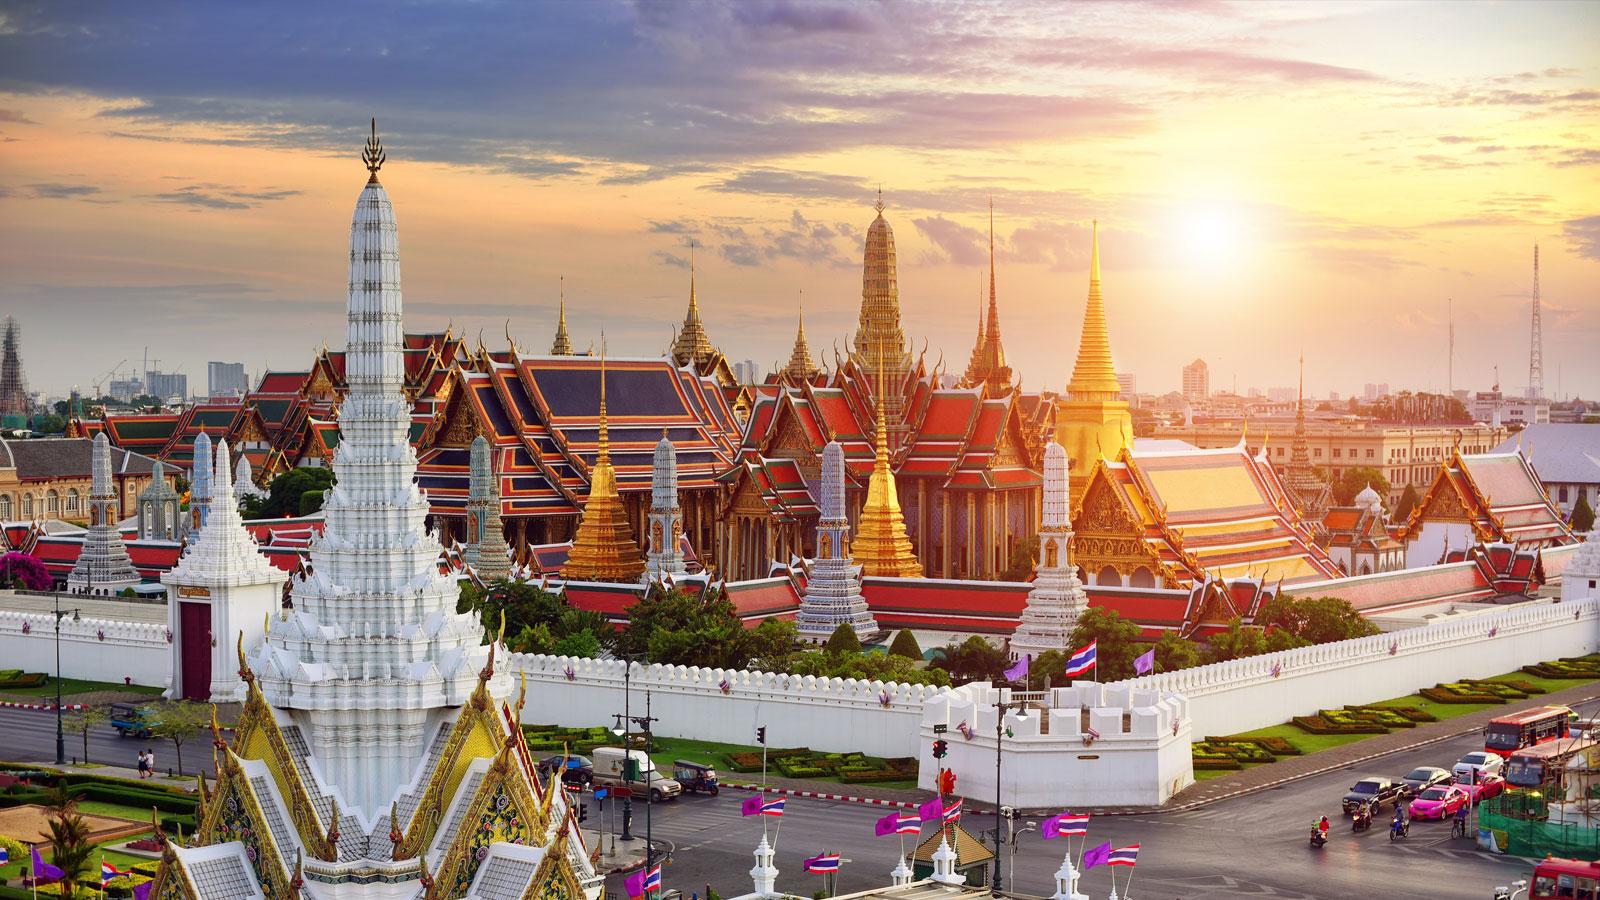 Bestcargo - vận chuyển đi Thái Lan chưa bao giờ dễ dàng đến thế